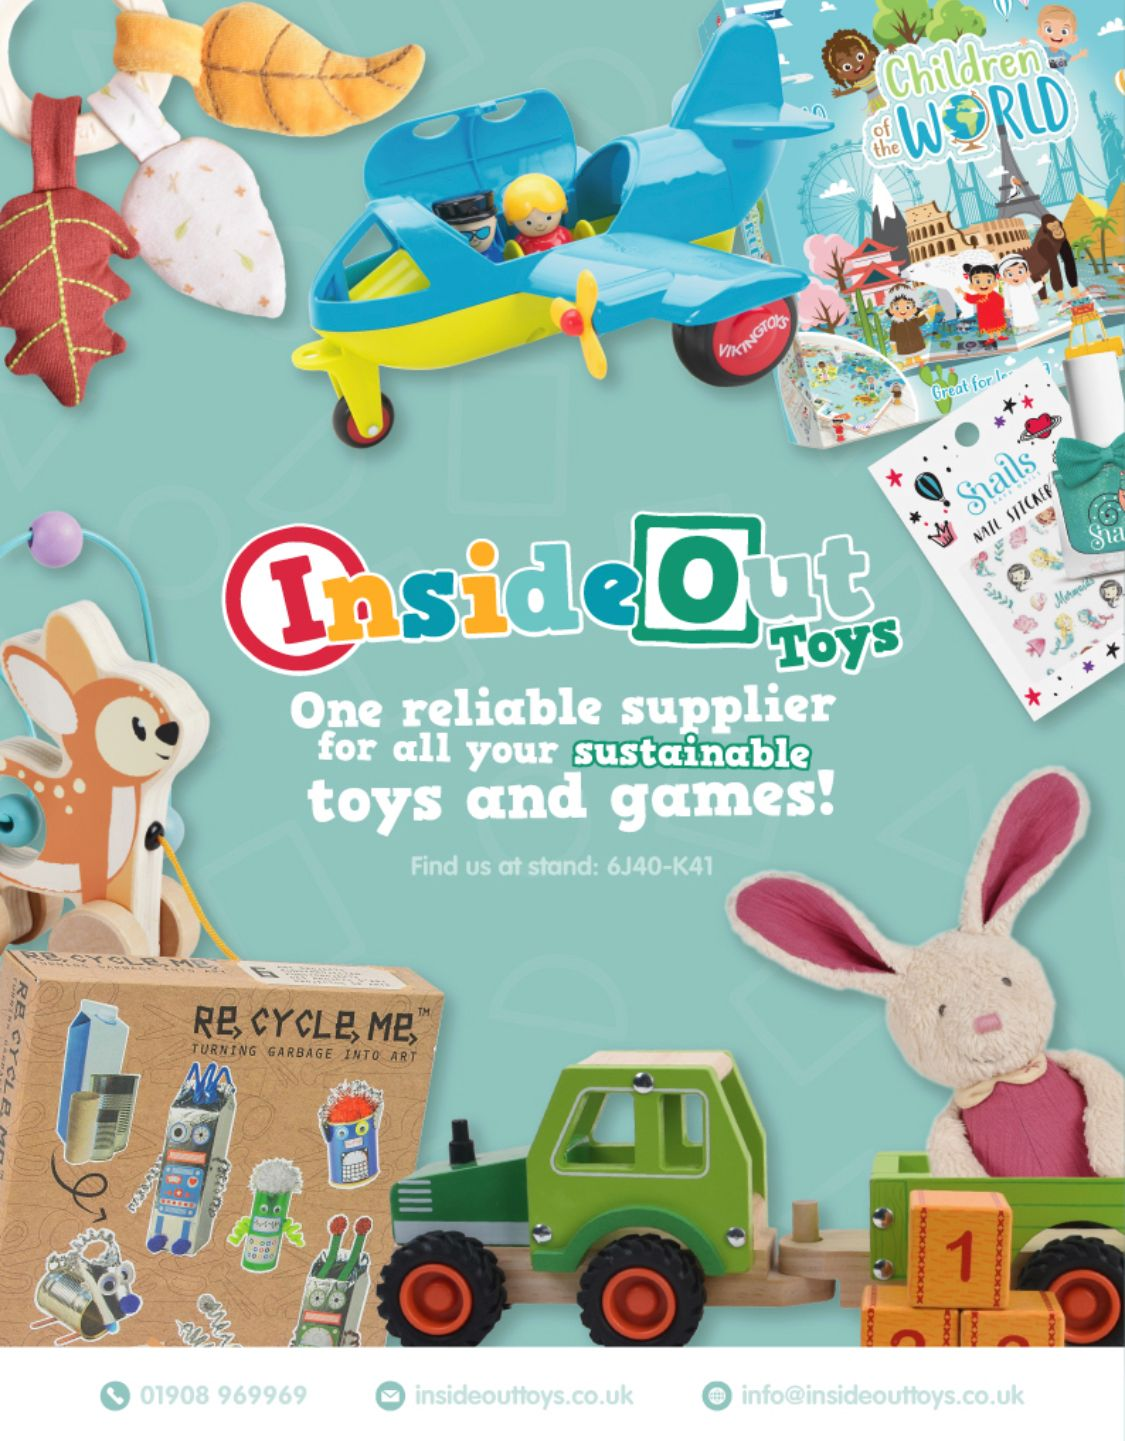 Inside out toys Ltd